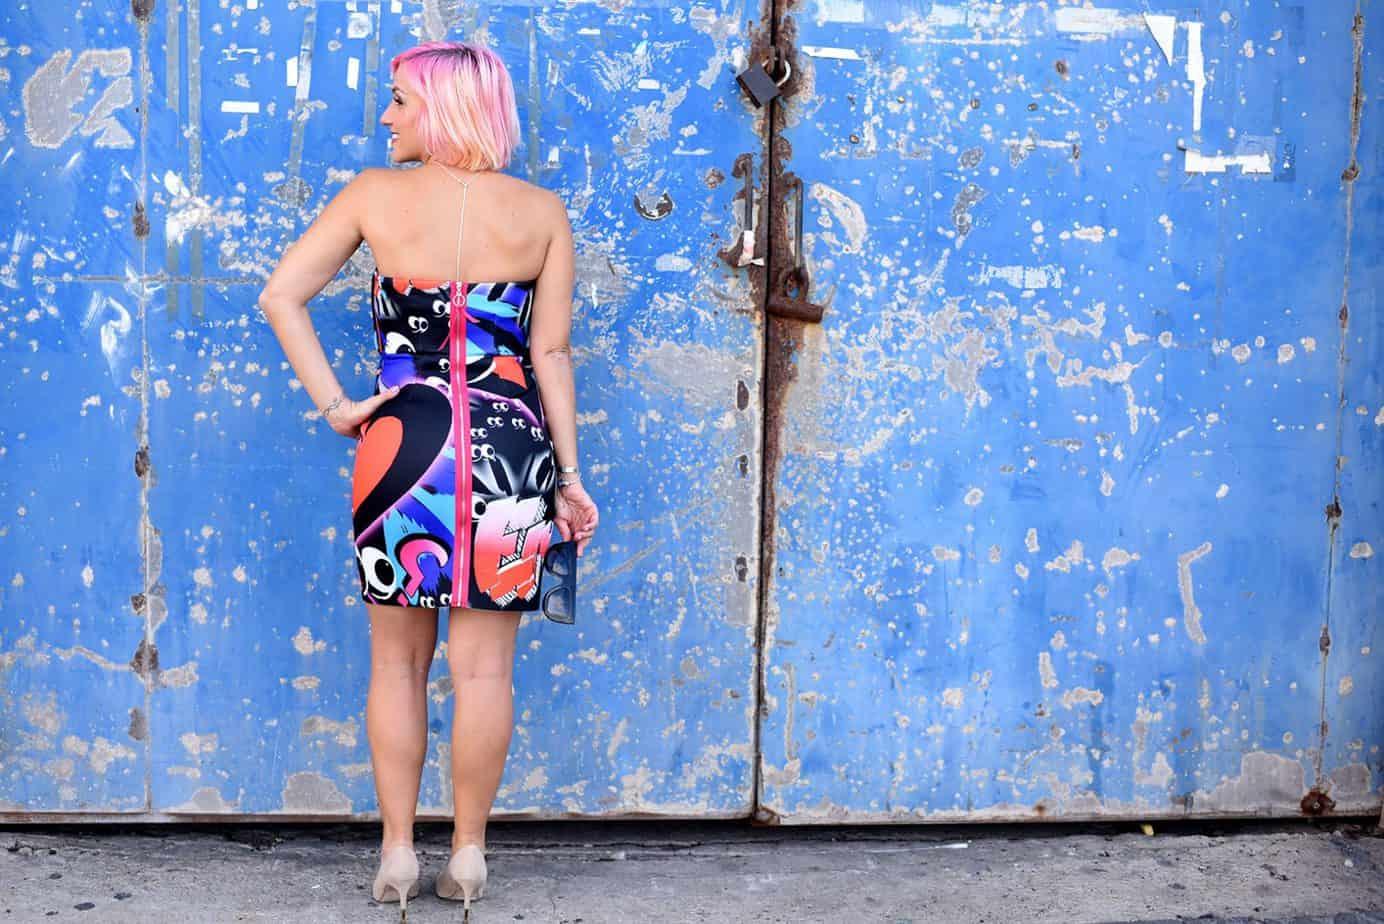 נעלי עקב שחור Castro שמלה צבעונית asos x the Emoji movie, מורן טרסוב, Moran Tarasov, צילום: לימור יערי - 7